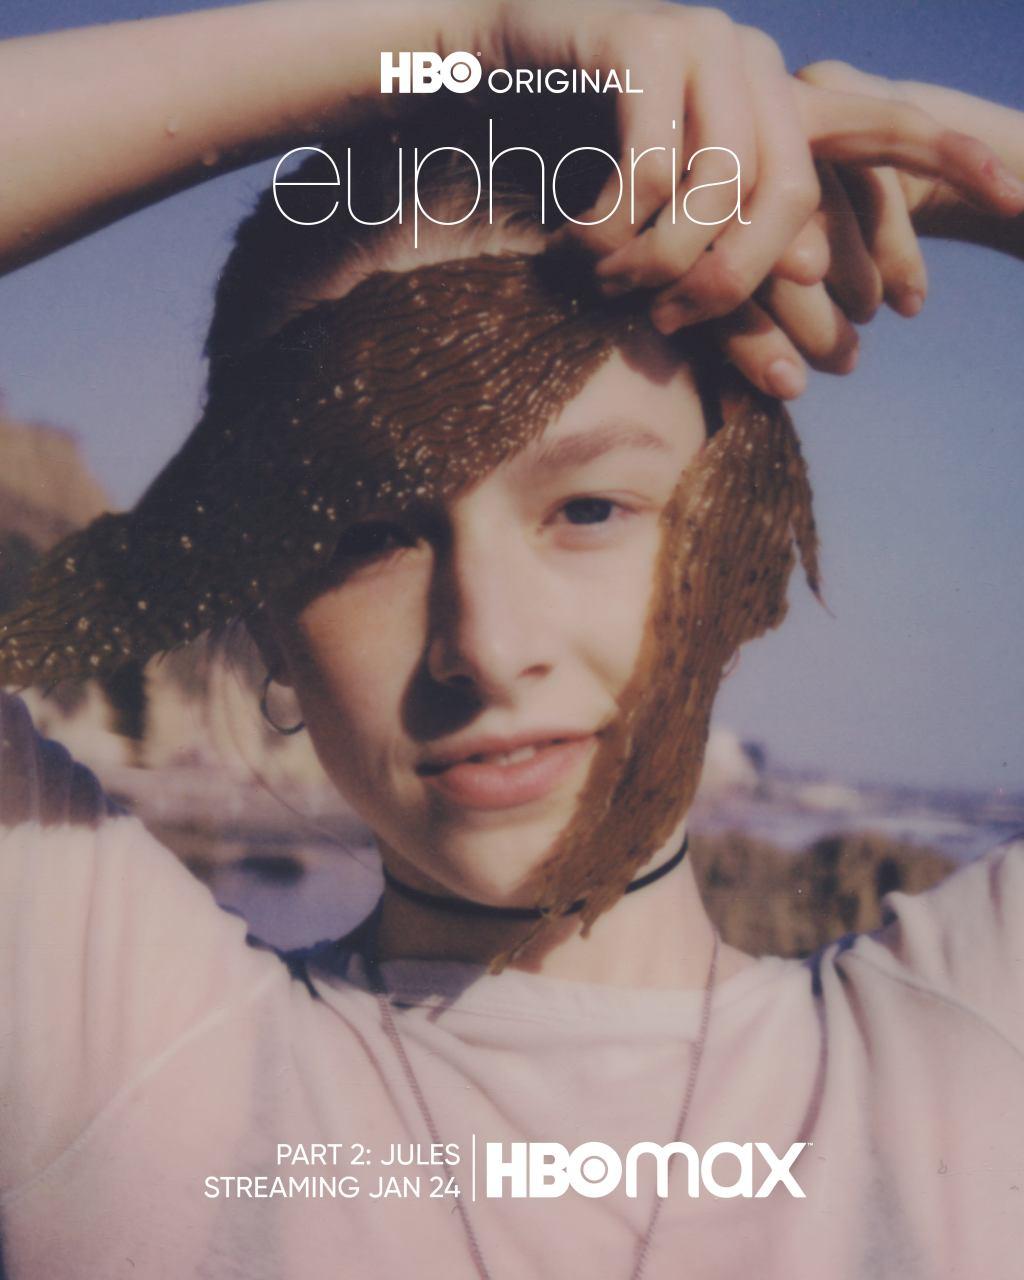 INSTAGRAMportrait Euphoria_EPISODE 2 JULES_2[4][4]